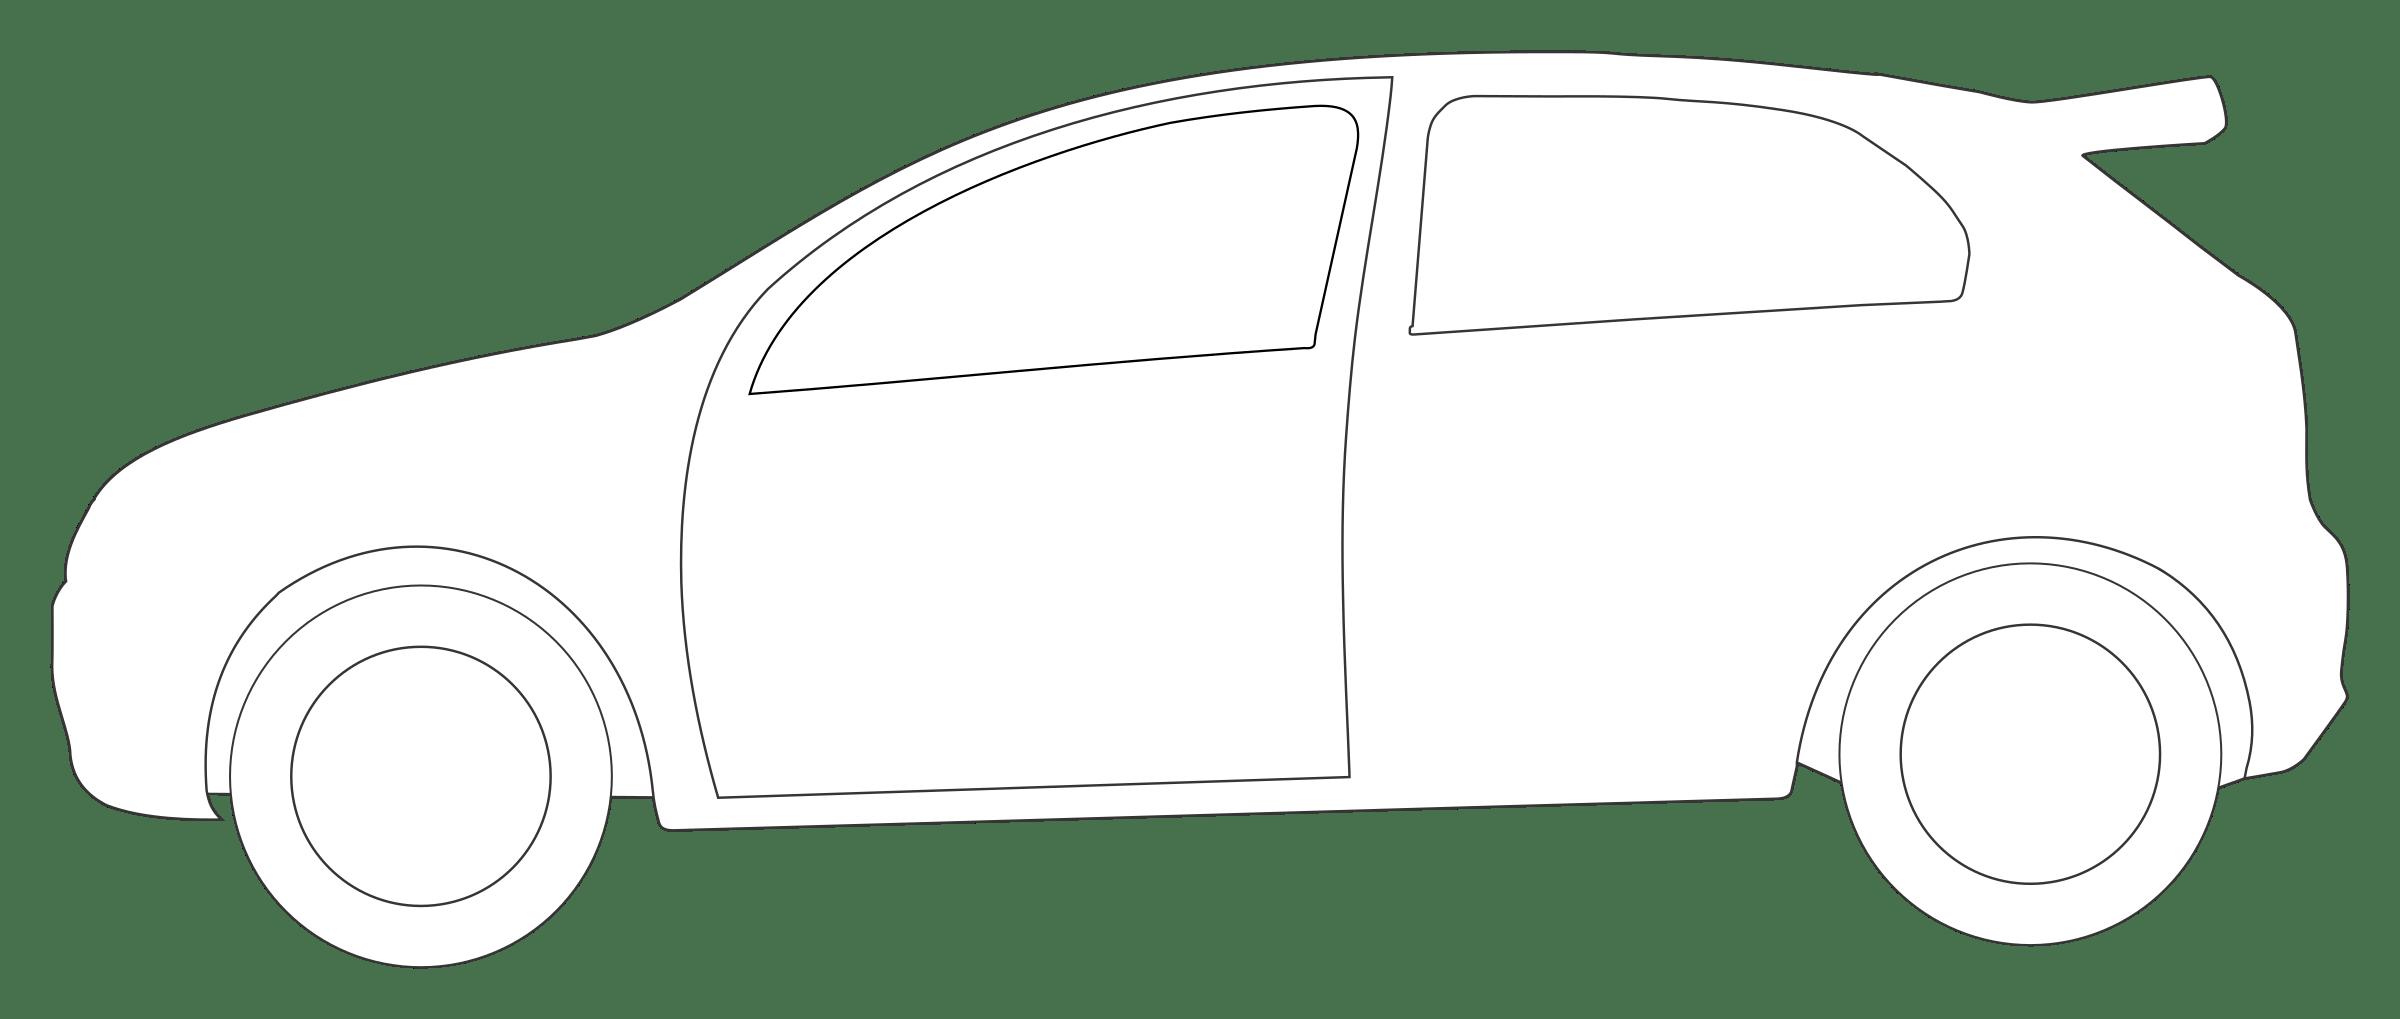 Clipart car shape, Clipart car shape Transparent FREE for